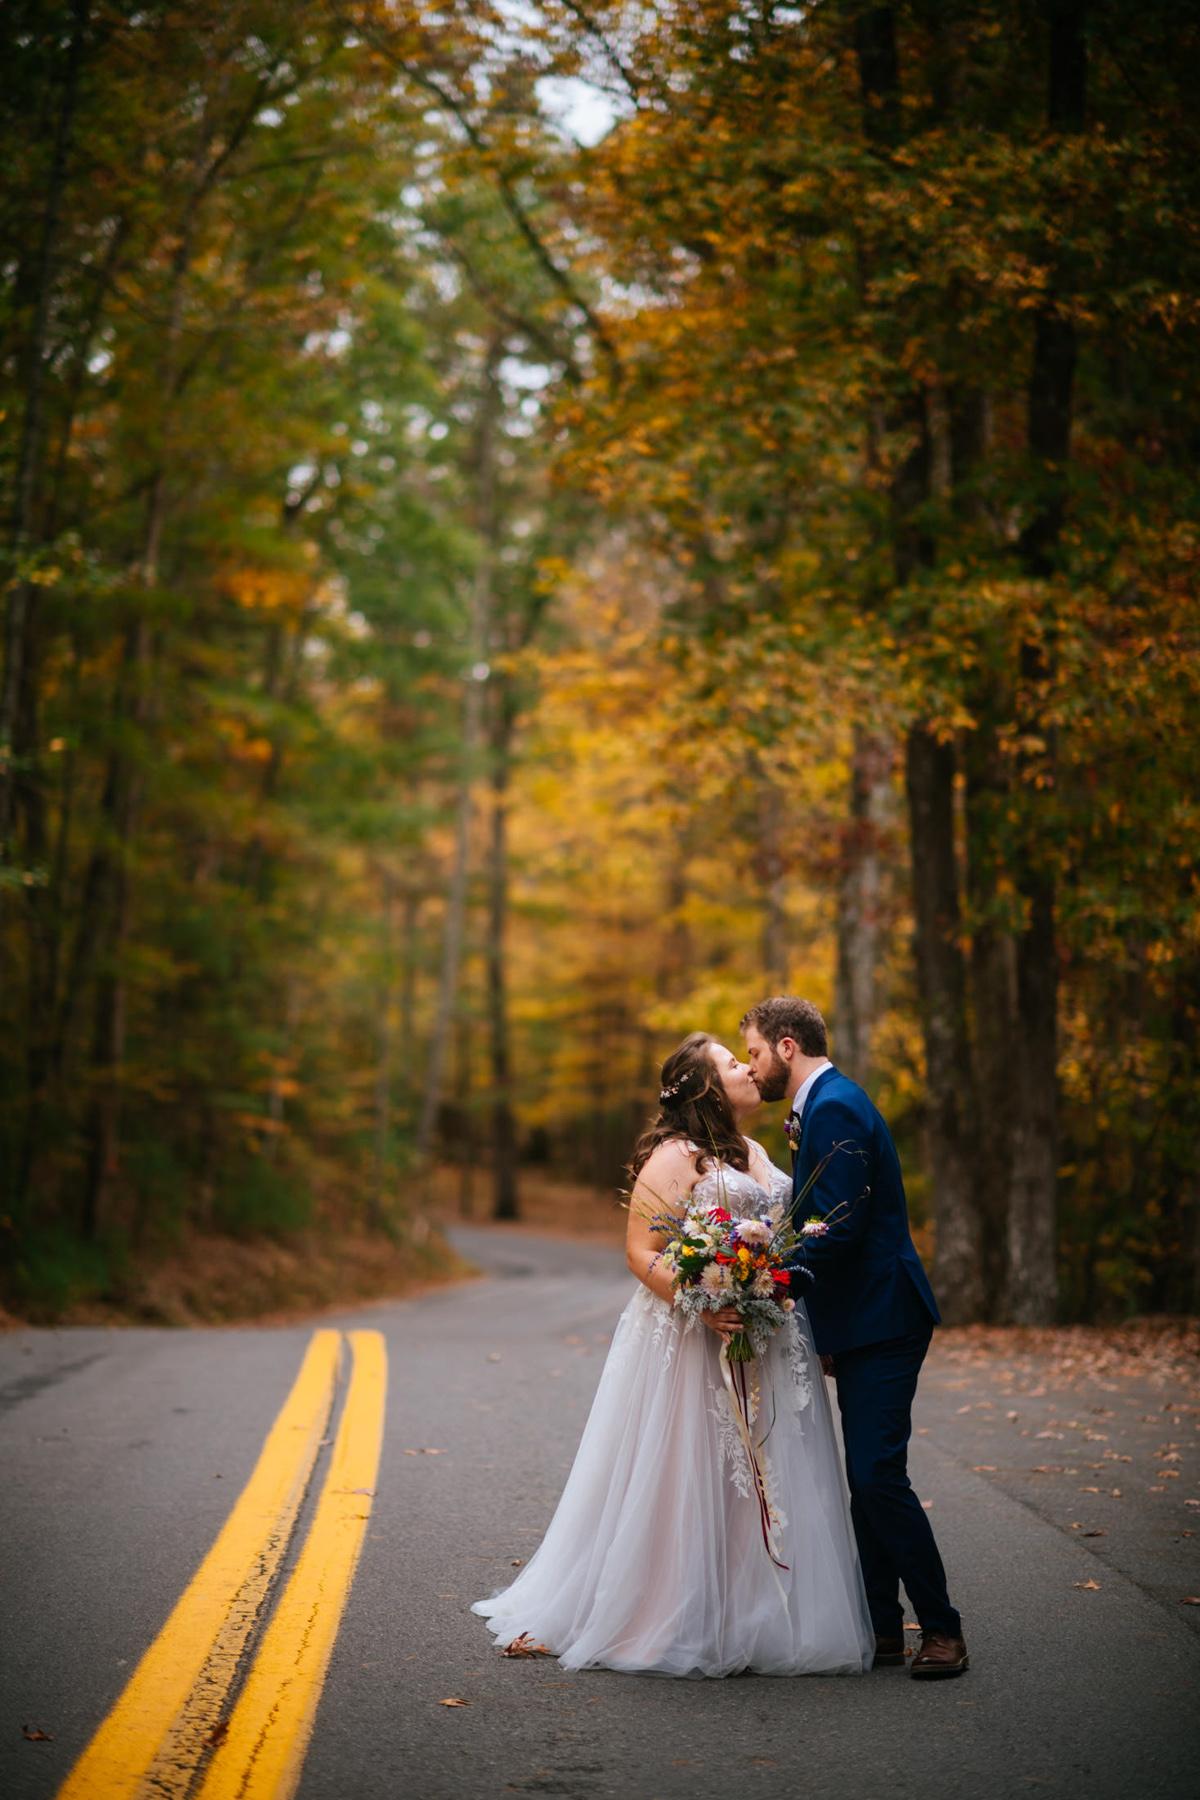 bride groom kissing in road